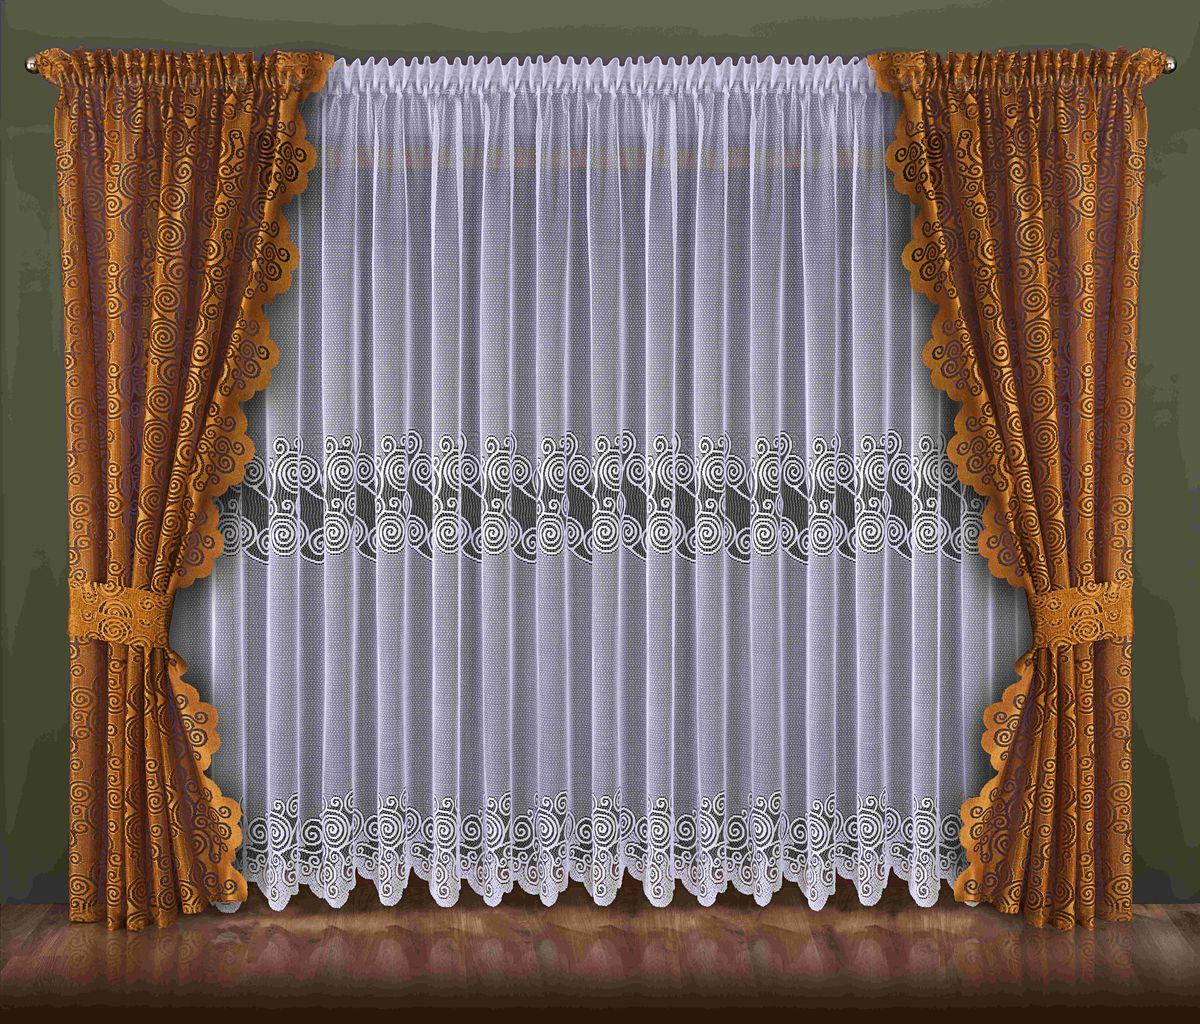 Комплект штор Wisan Waleriana, на ленте, цвет: белый, коричневый, высота 250 см092WКомплект штор Wisan Waleriana, выполненный из полиэстера, великолепно украсит любое окно. Тонкое плетение, оригинальный дизайн привлекут к себе внимание и органично впишутся в интерьер. В комплект входят 2 шторы, тюль и 2 подхвата. Кружевной узор придает комплекту особый стиль и шарм. Тонкое плетение, нежная цветовая гамма и роскошное исполнение - все это делает шторы Wisan Waleriana замечательным дополнением интерьера помещения. Шторы оснащены шторной лентой для красивой сборки. В комплект входит: Штора - 2 шт. Размер (ШхВ): 140 см х 250 см. Тюль - 1 шт. Размер (ШхВ): 400 см х 250 см. Подхват - 2 шт. Фирма Wisan на польском рынке существует уже более пятидесяти лет и является одной из лучших польских фабрик по производству штор и тканей. Ассортимент фирмы представлен готовыми комплектами штор для гостиной, детской, кухни, а также текстилем для кухни (скатерти, салфетки, дорожки, кухонные занавески). Модельный ряд отличает...